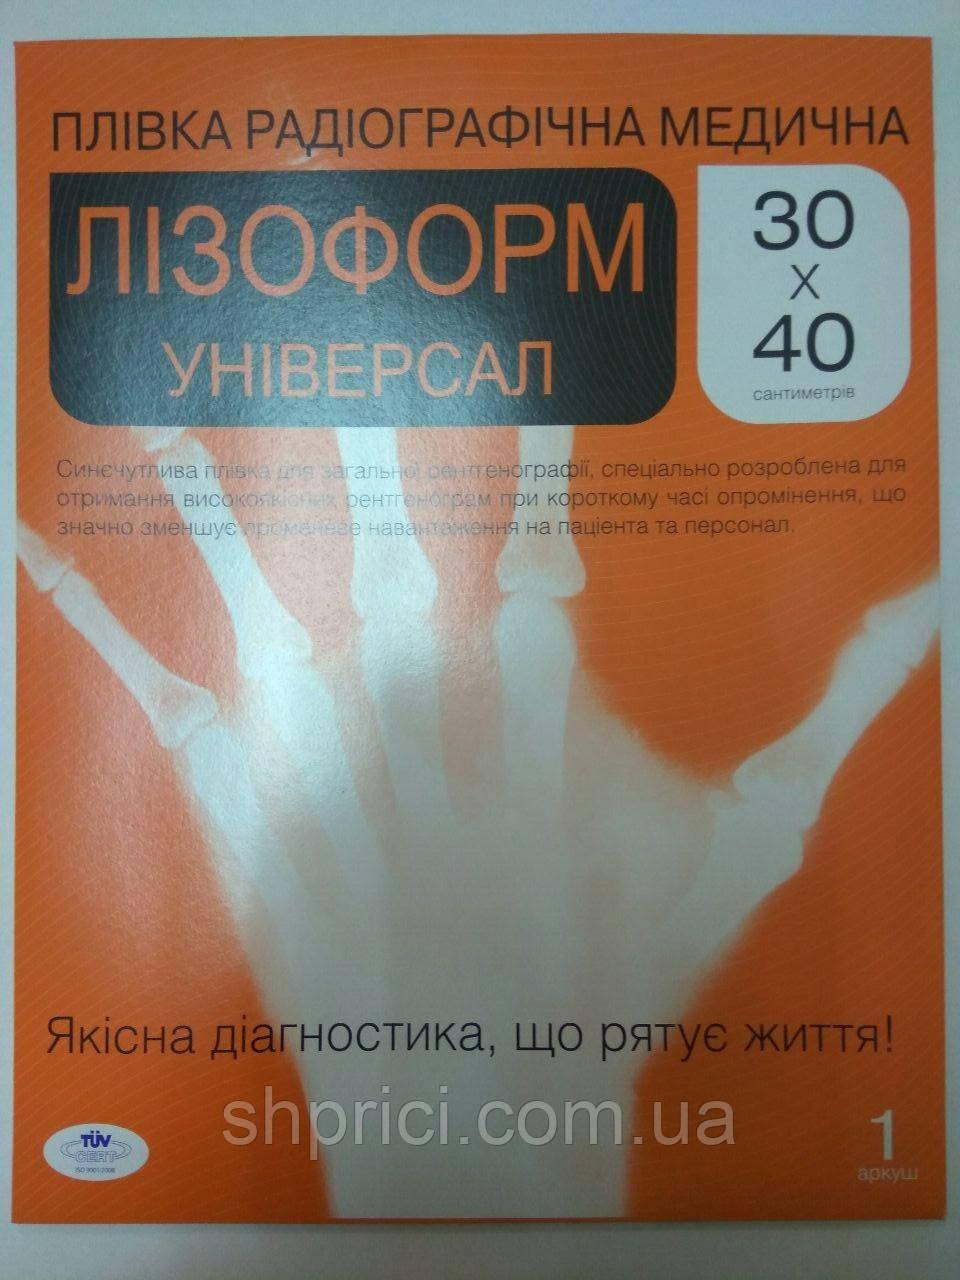 Рентгеновская пленка 30х40см универсал синяя/ Лизоформ